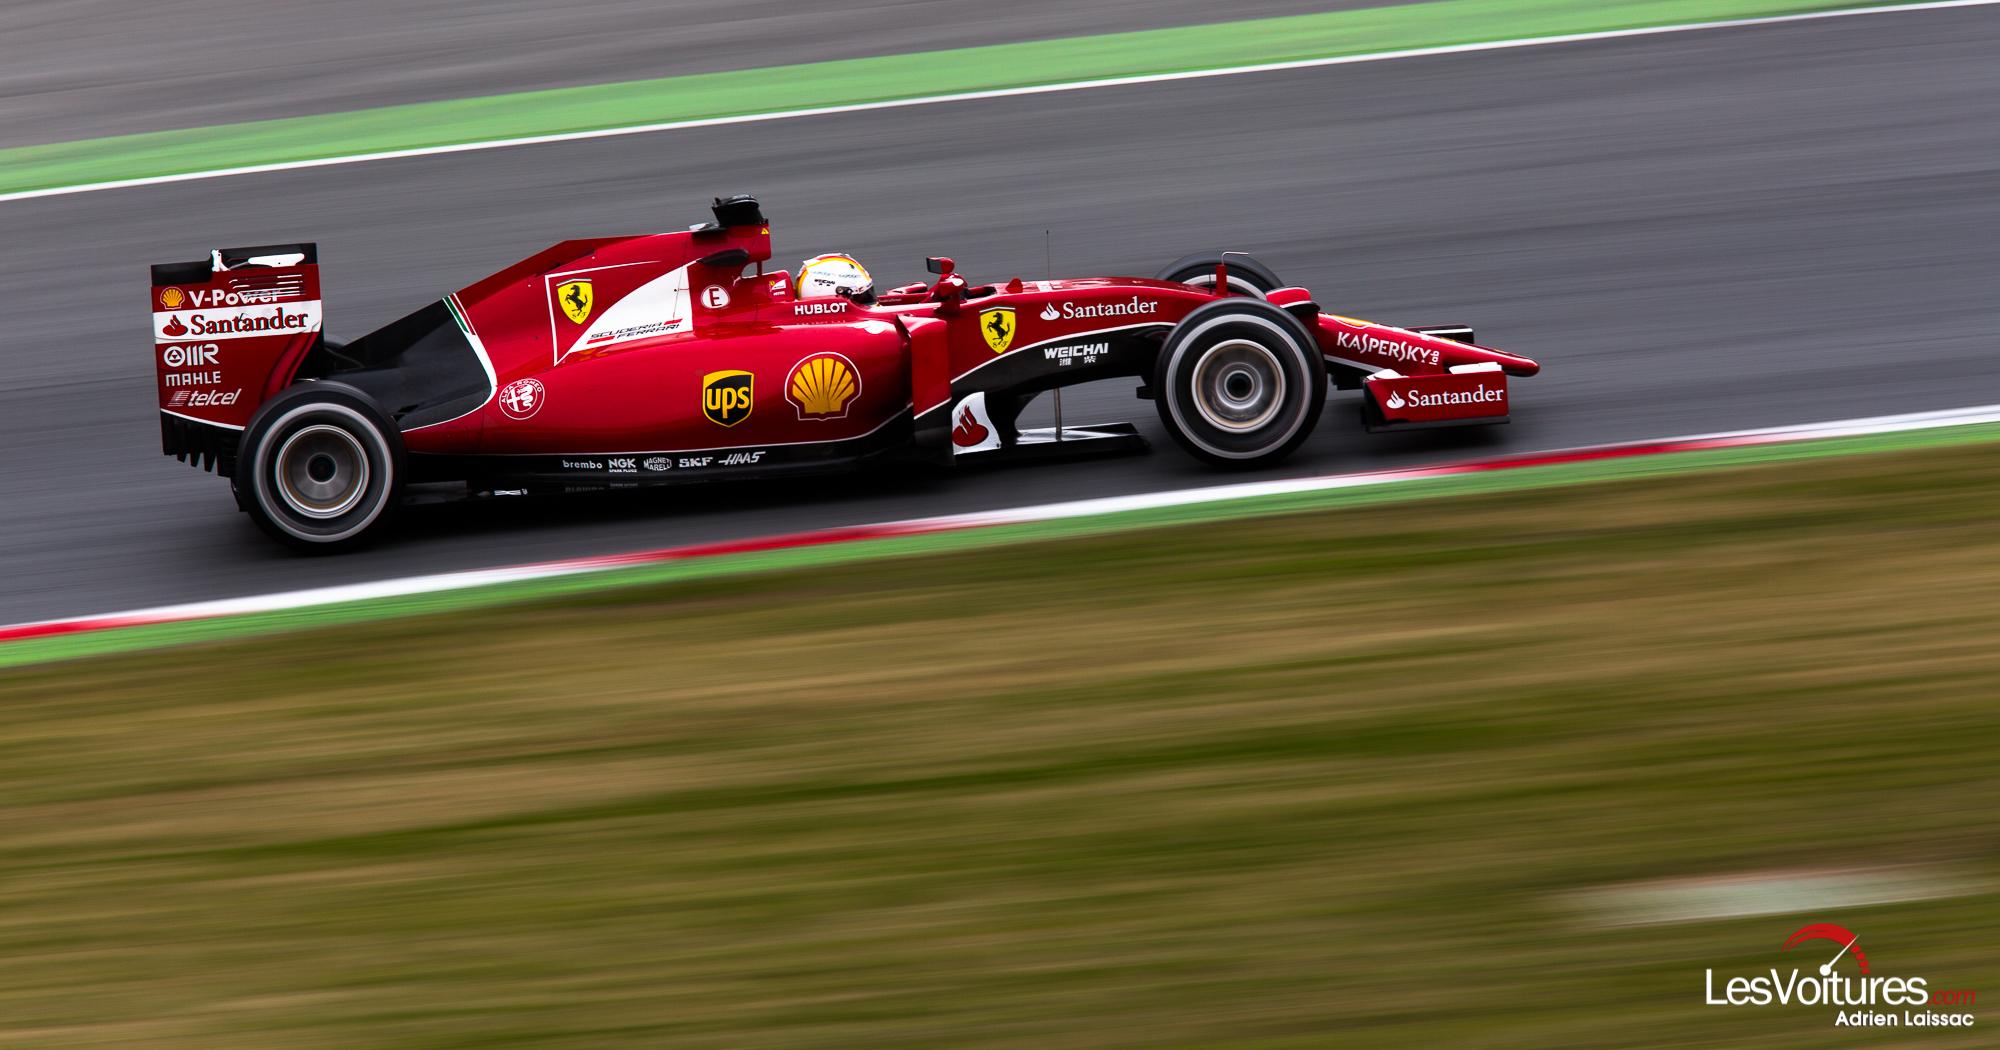 Grand Prix de Formule 1 d'Espagne 2015 | Barcelone